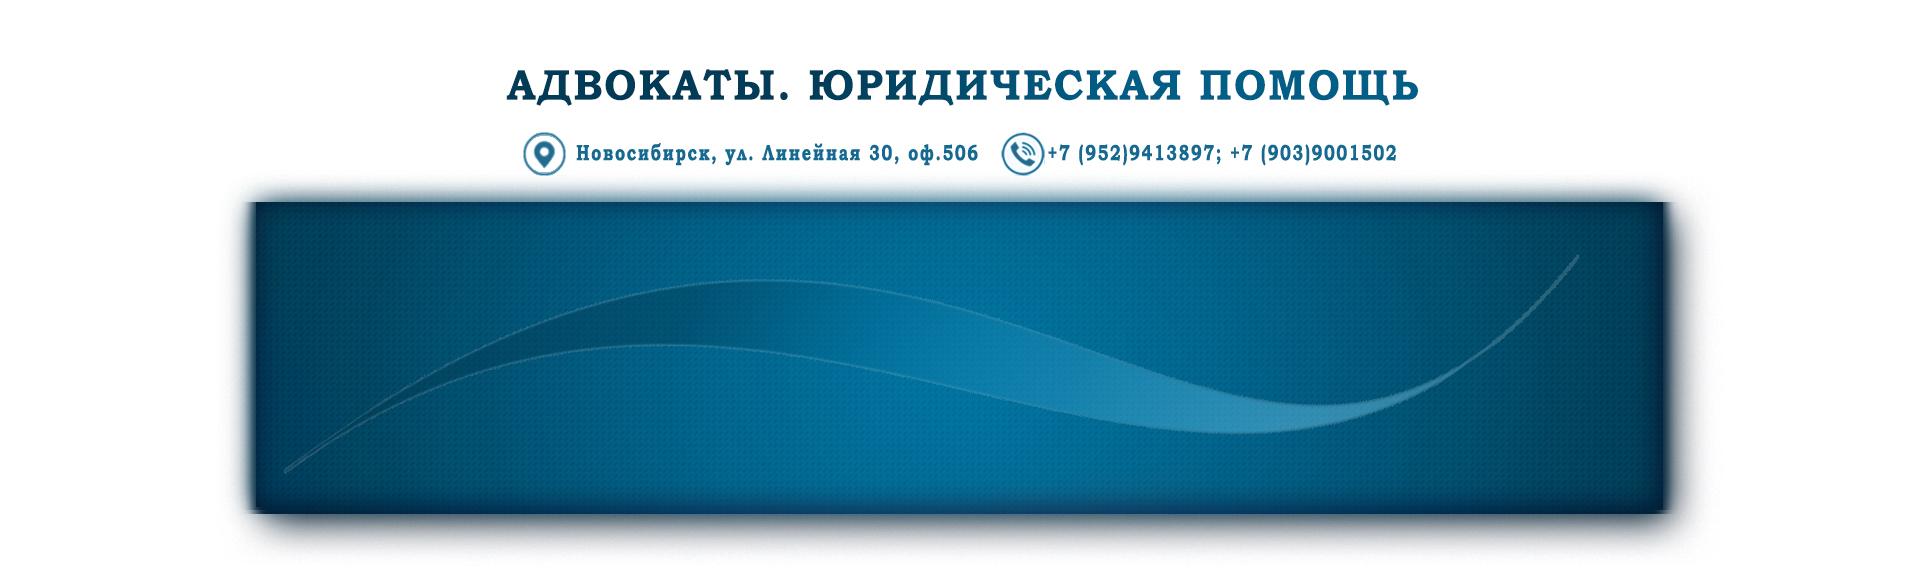 Адвокаты в Новосибирске